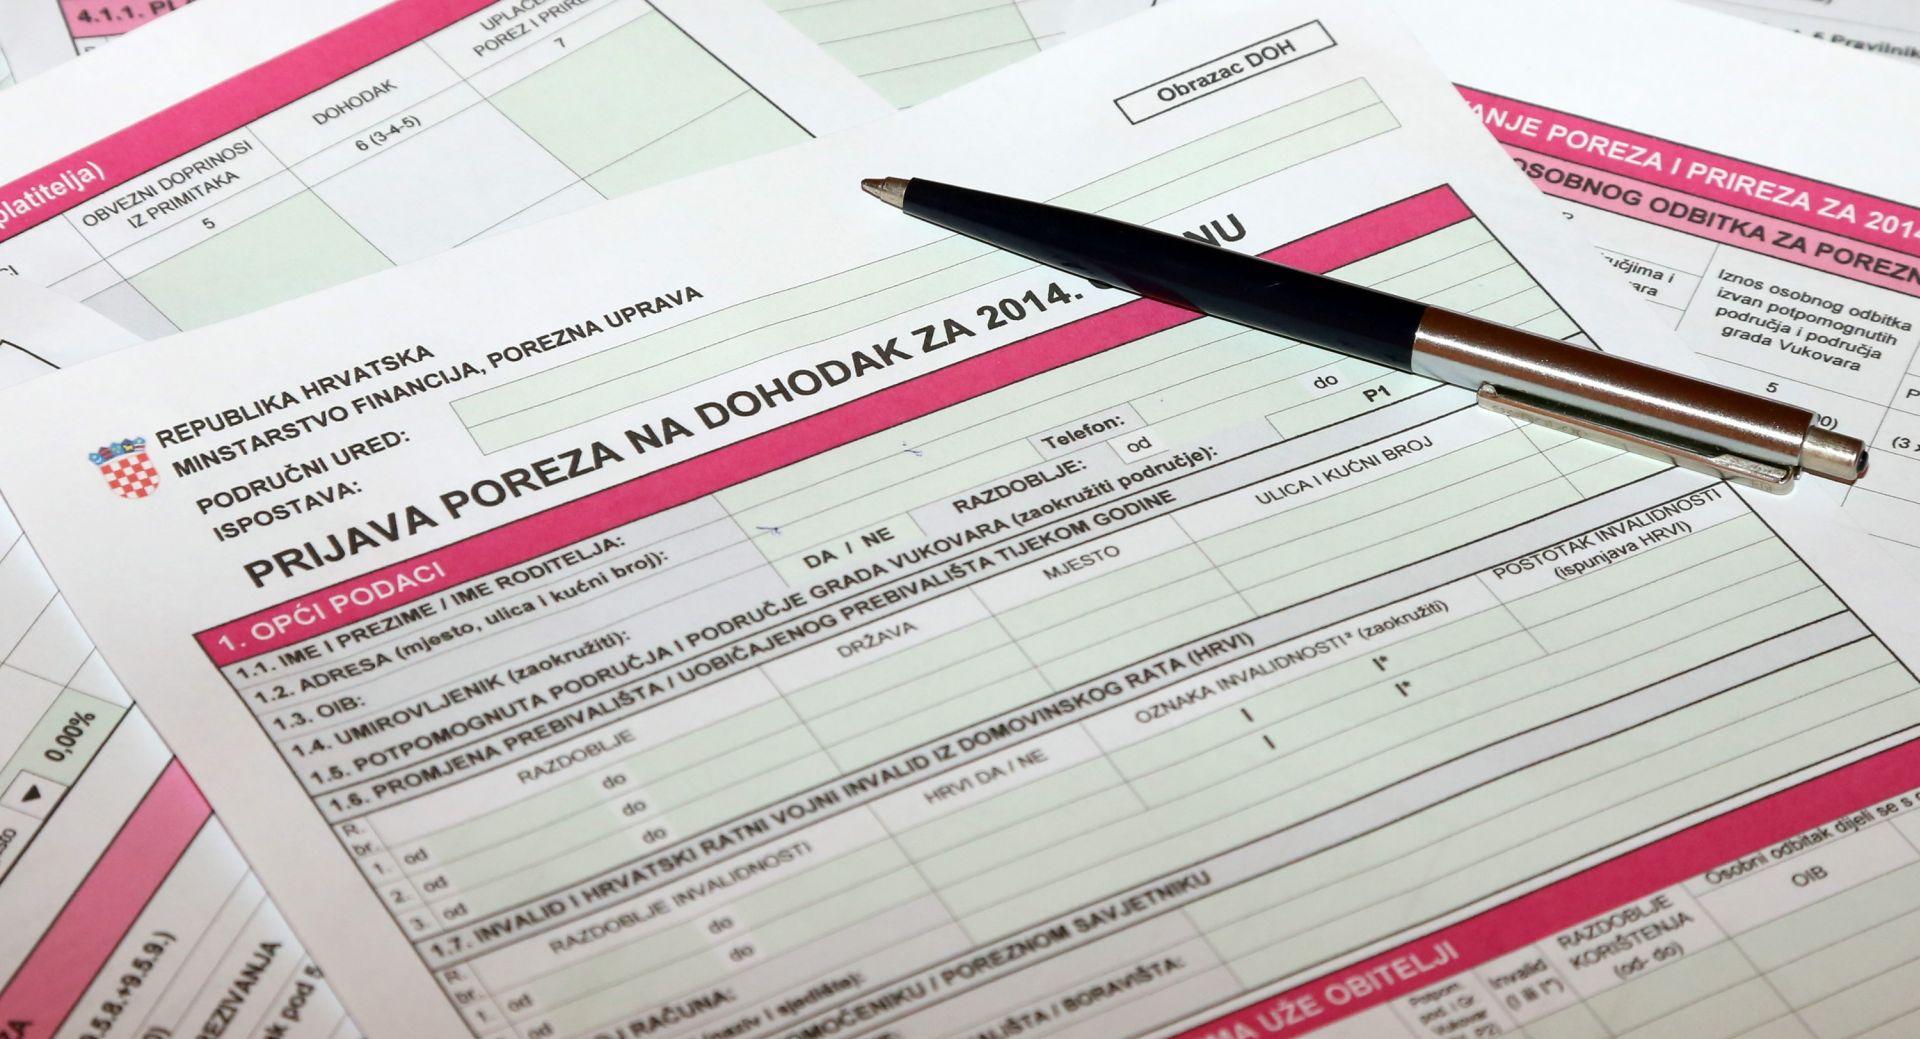 Porezna uprava: Obrađeno 97 posto godišnjih prijava poreza na dohodak; najveći dohodak lani 7,7 milijuna kuna